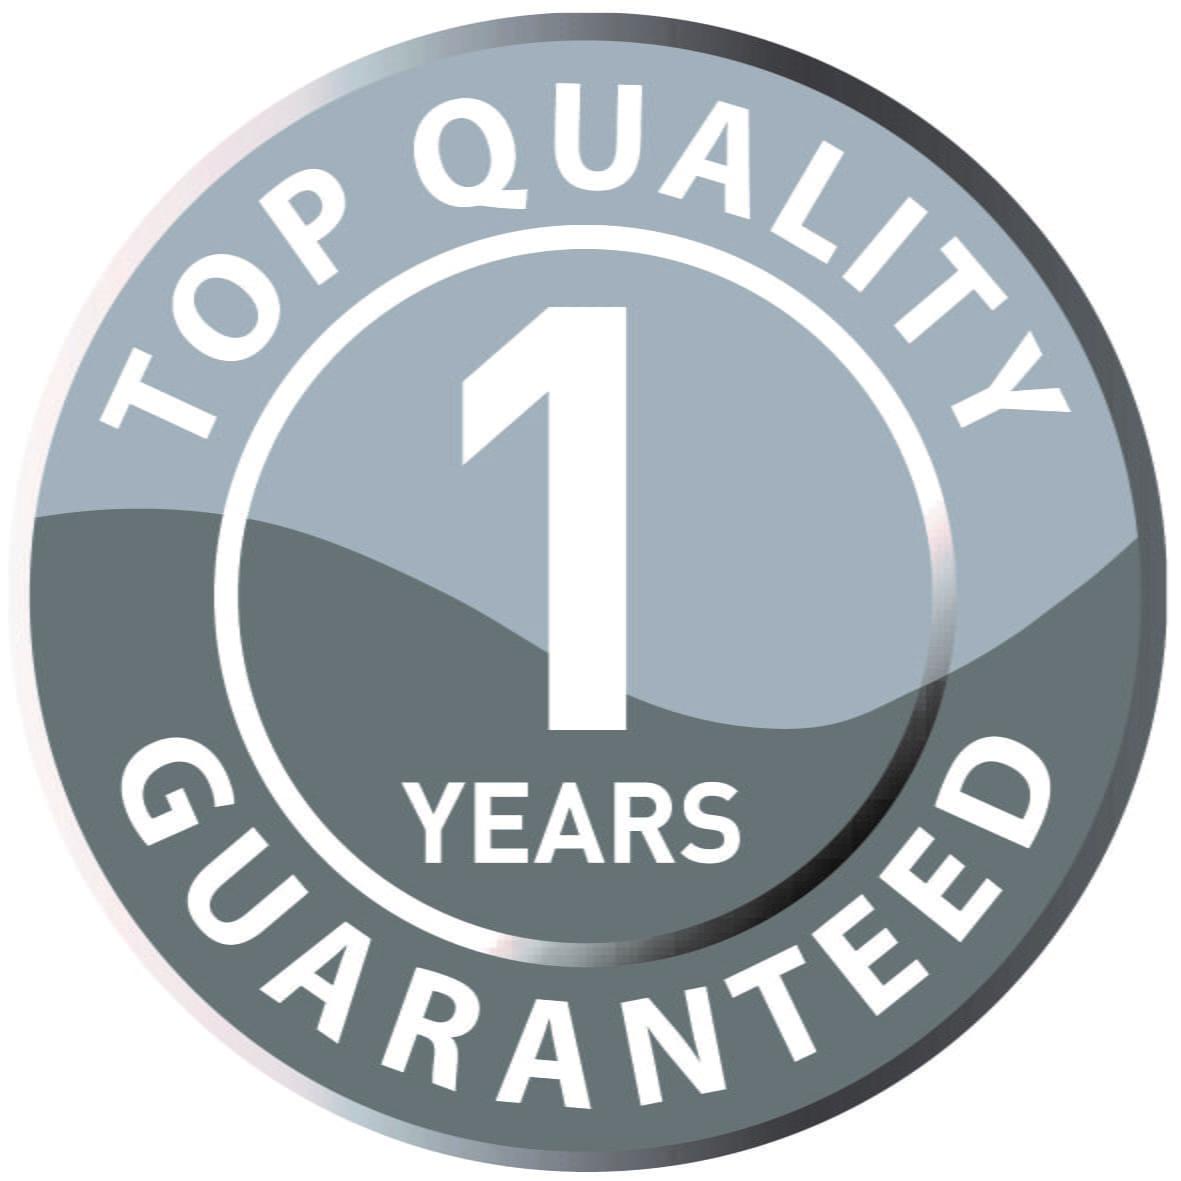 Bristan 1 Years Product Guarantee